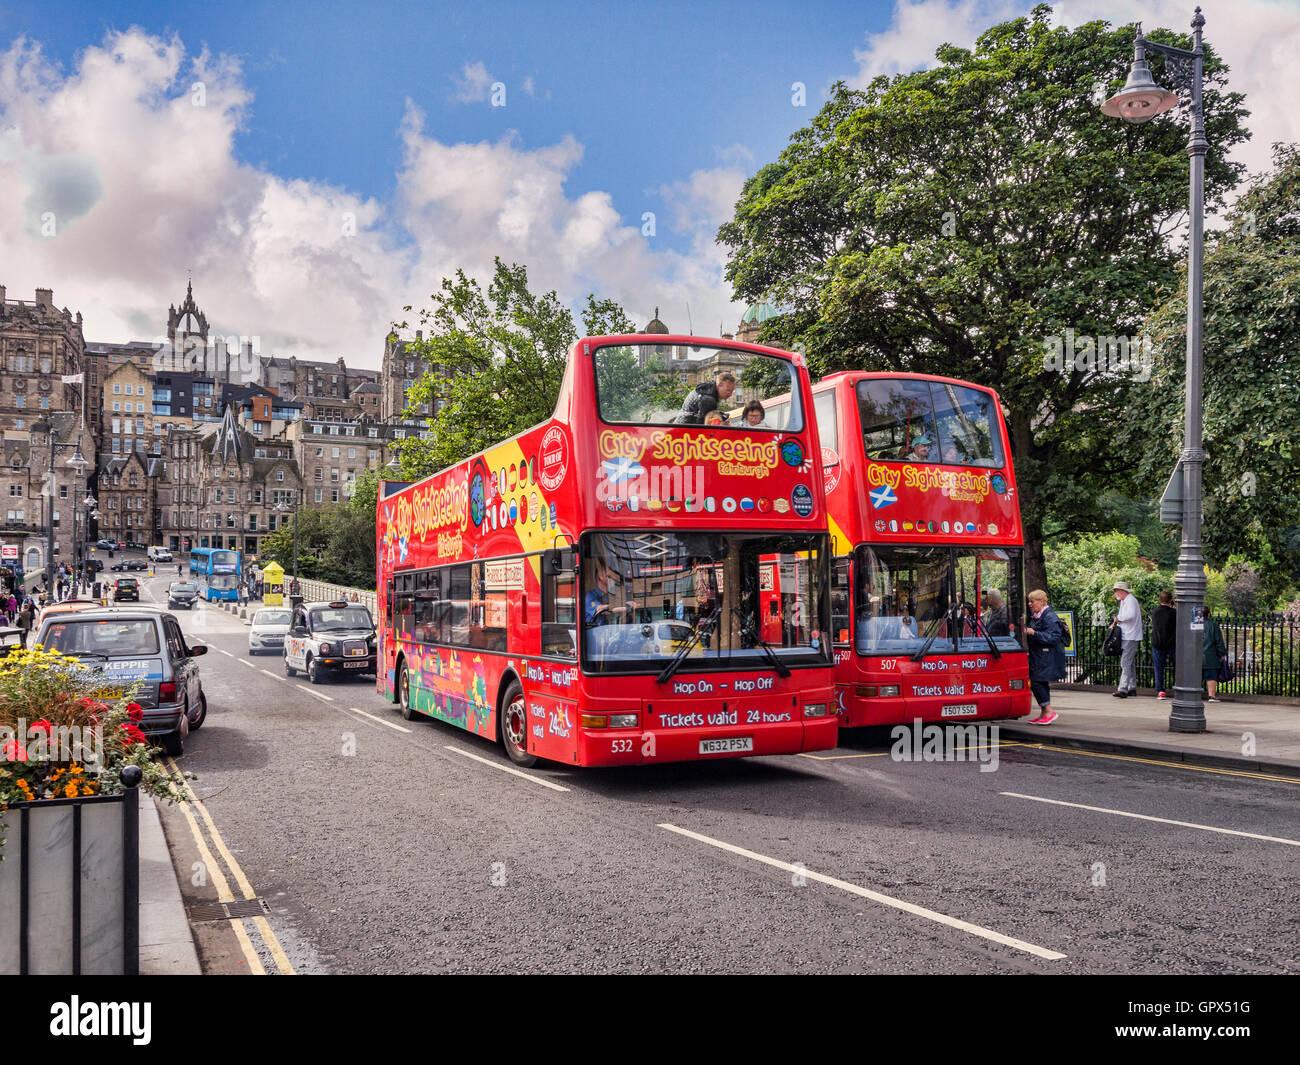 Excursión de dos autobuses en una parada de autobús en Waverley Bridge, Edimburgo, superando a las otras, Imagen De Stock